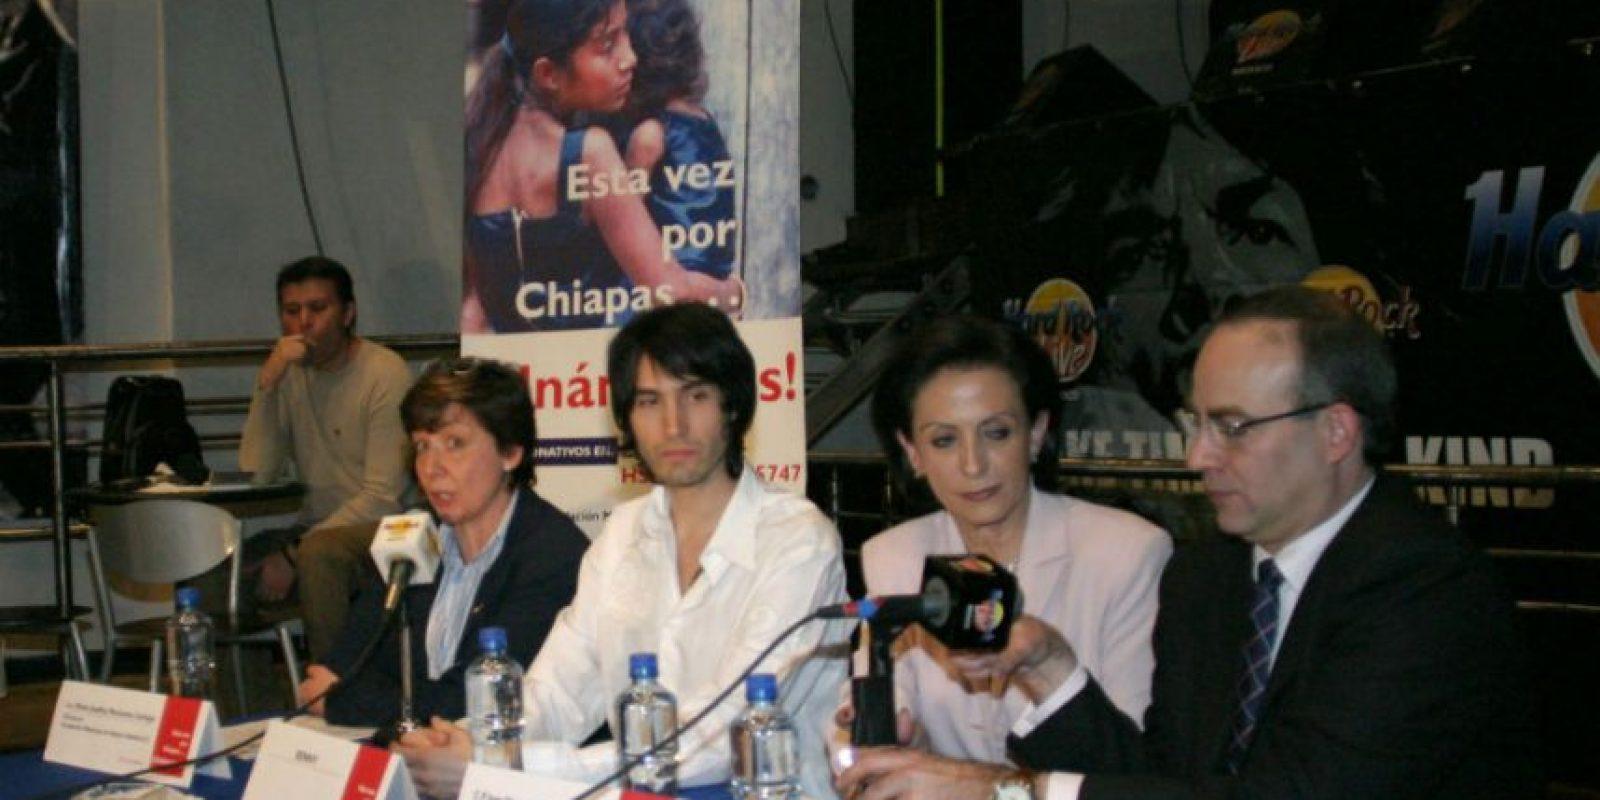 """Octubre 2005 – Benny Ibarra anunció su colaboración con """"Save the Children México"""" y """"Fundación Merced"""" para recolectar víveres para los niños que fueron afectados por los huracanes Stan y Wilma. Foto:Archivo Cuartoscuro"""